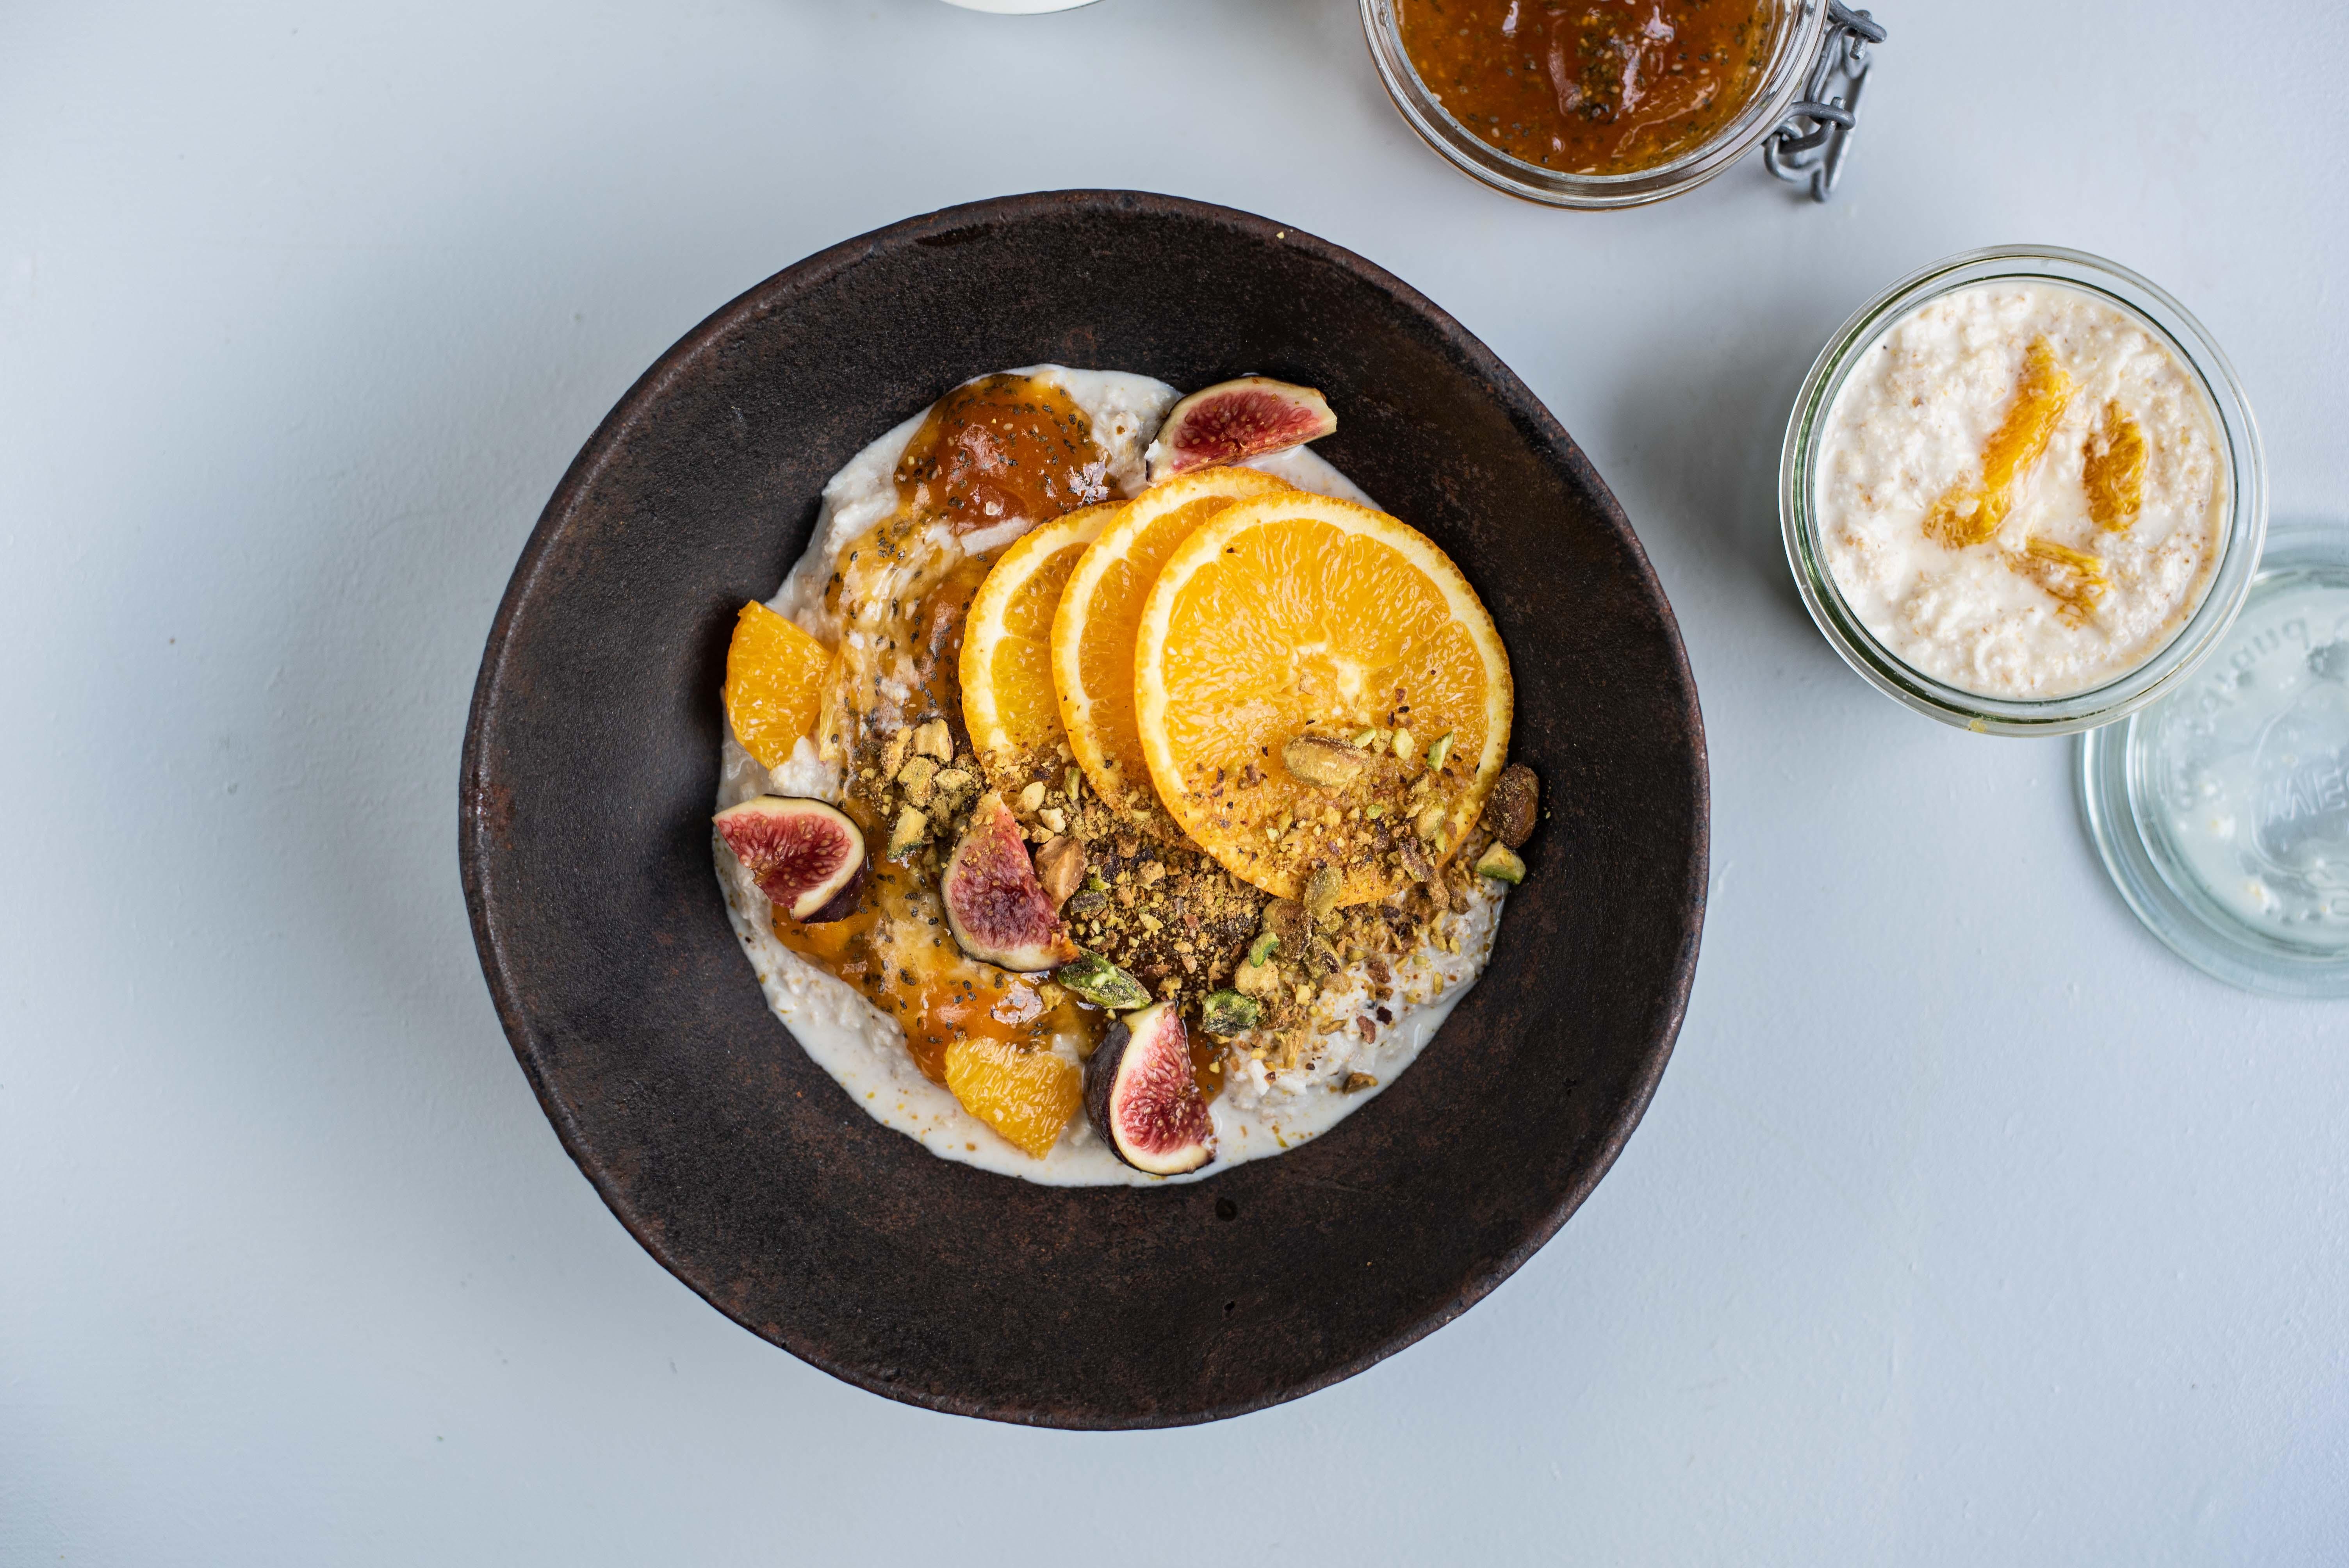 Overnight oats met sinaasappel en abrikoos